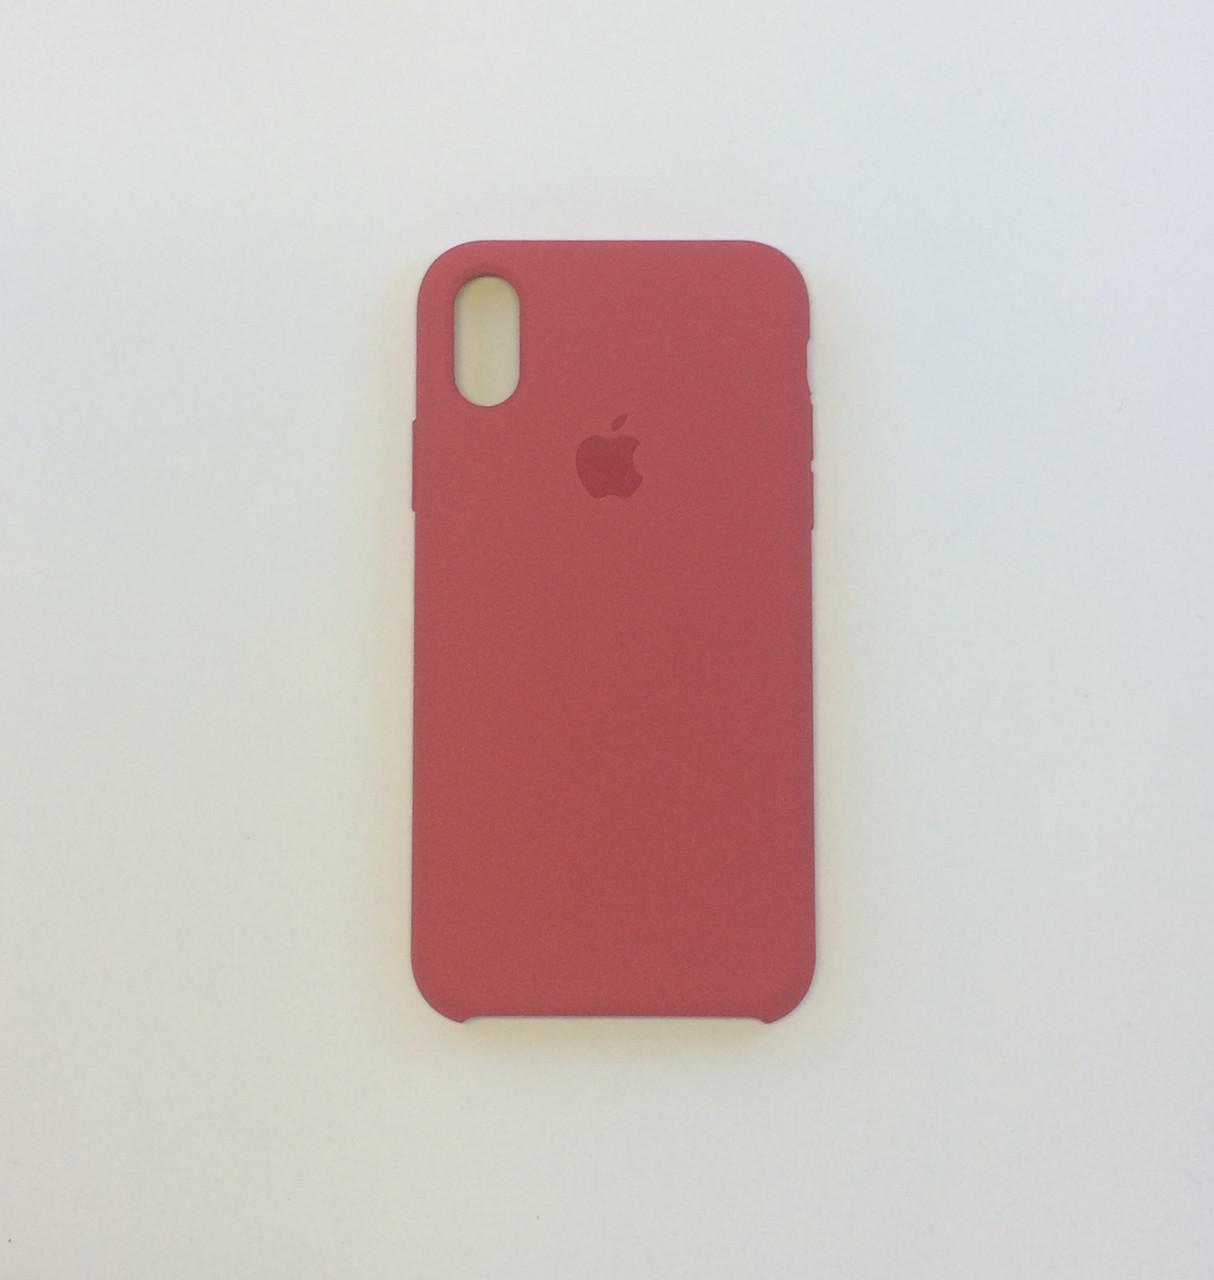 Силиконовый чехол iPhone X, спелая малина, силикон, copy original